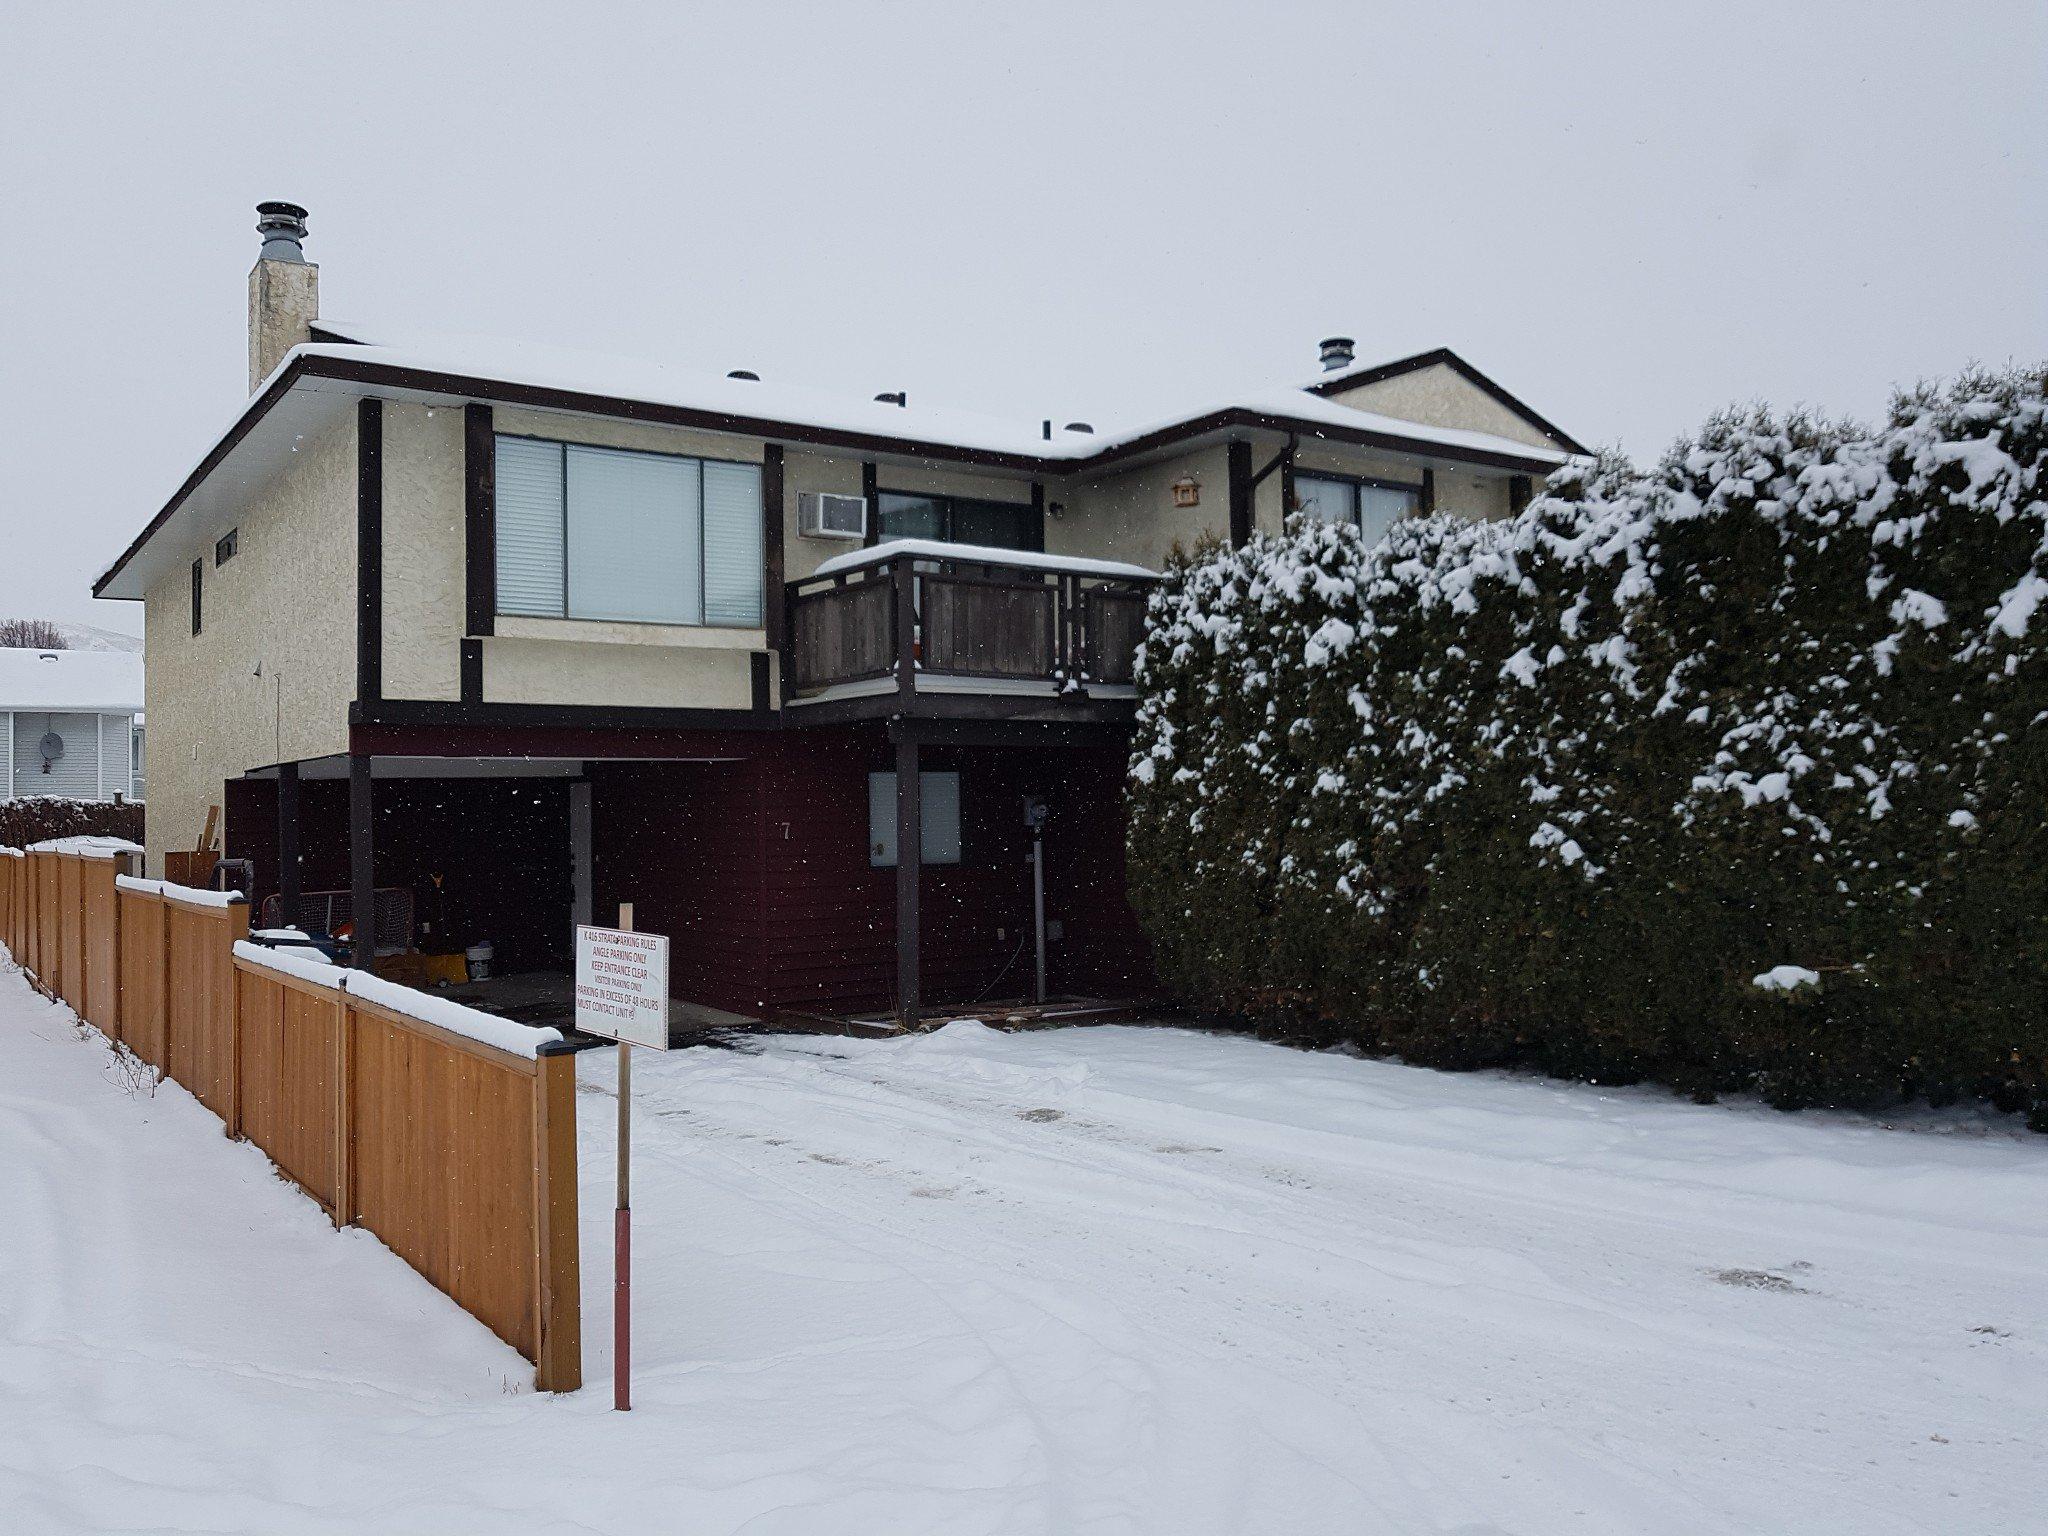 Main Photo: 7 685 SINGH in KAMLOOPS: BROCK House 1/2 Duplex for sale : MLS®# 144277